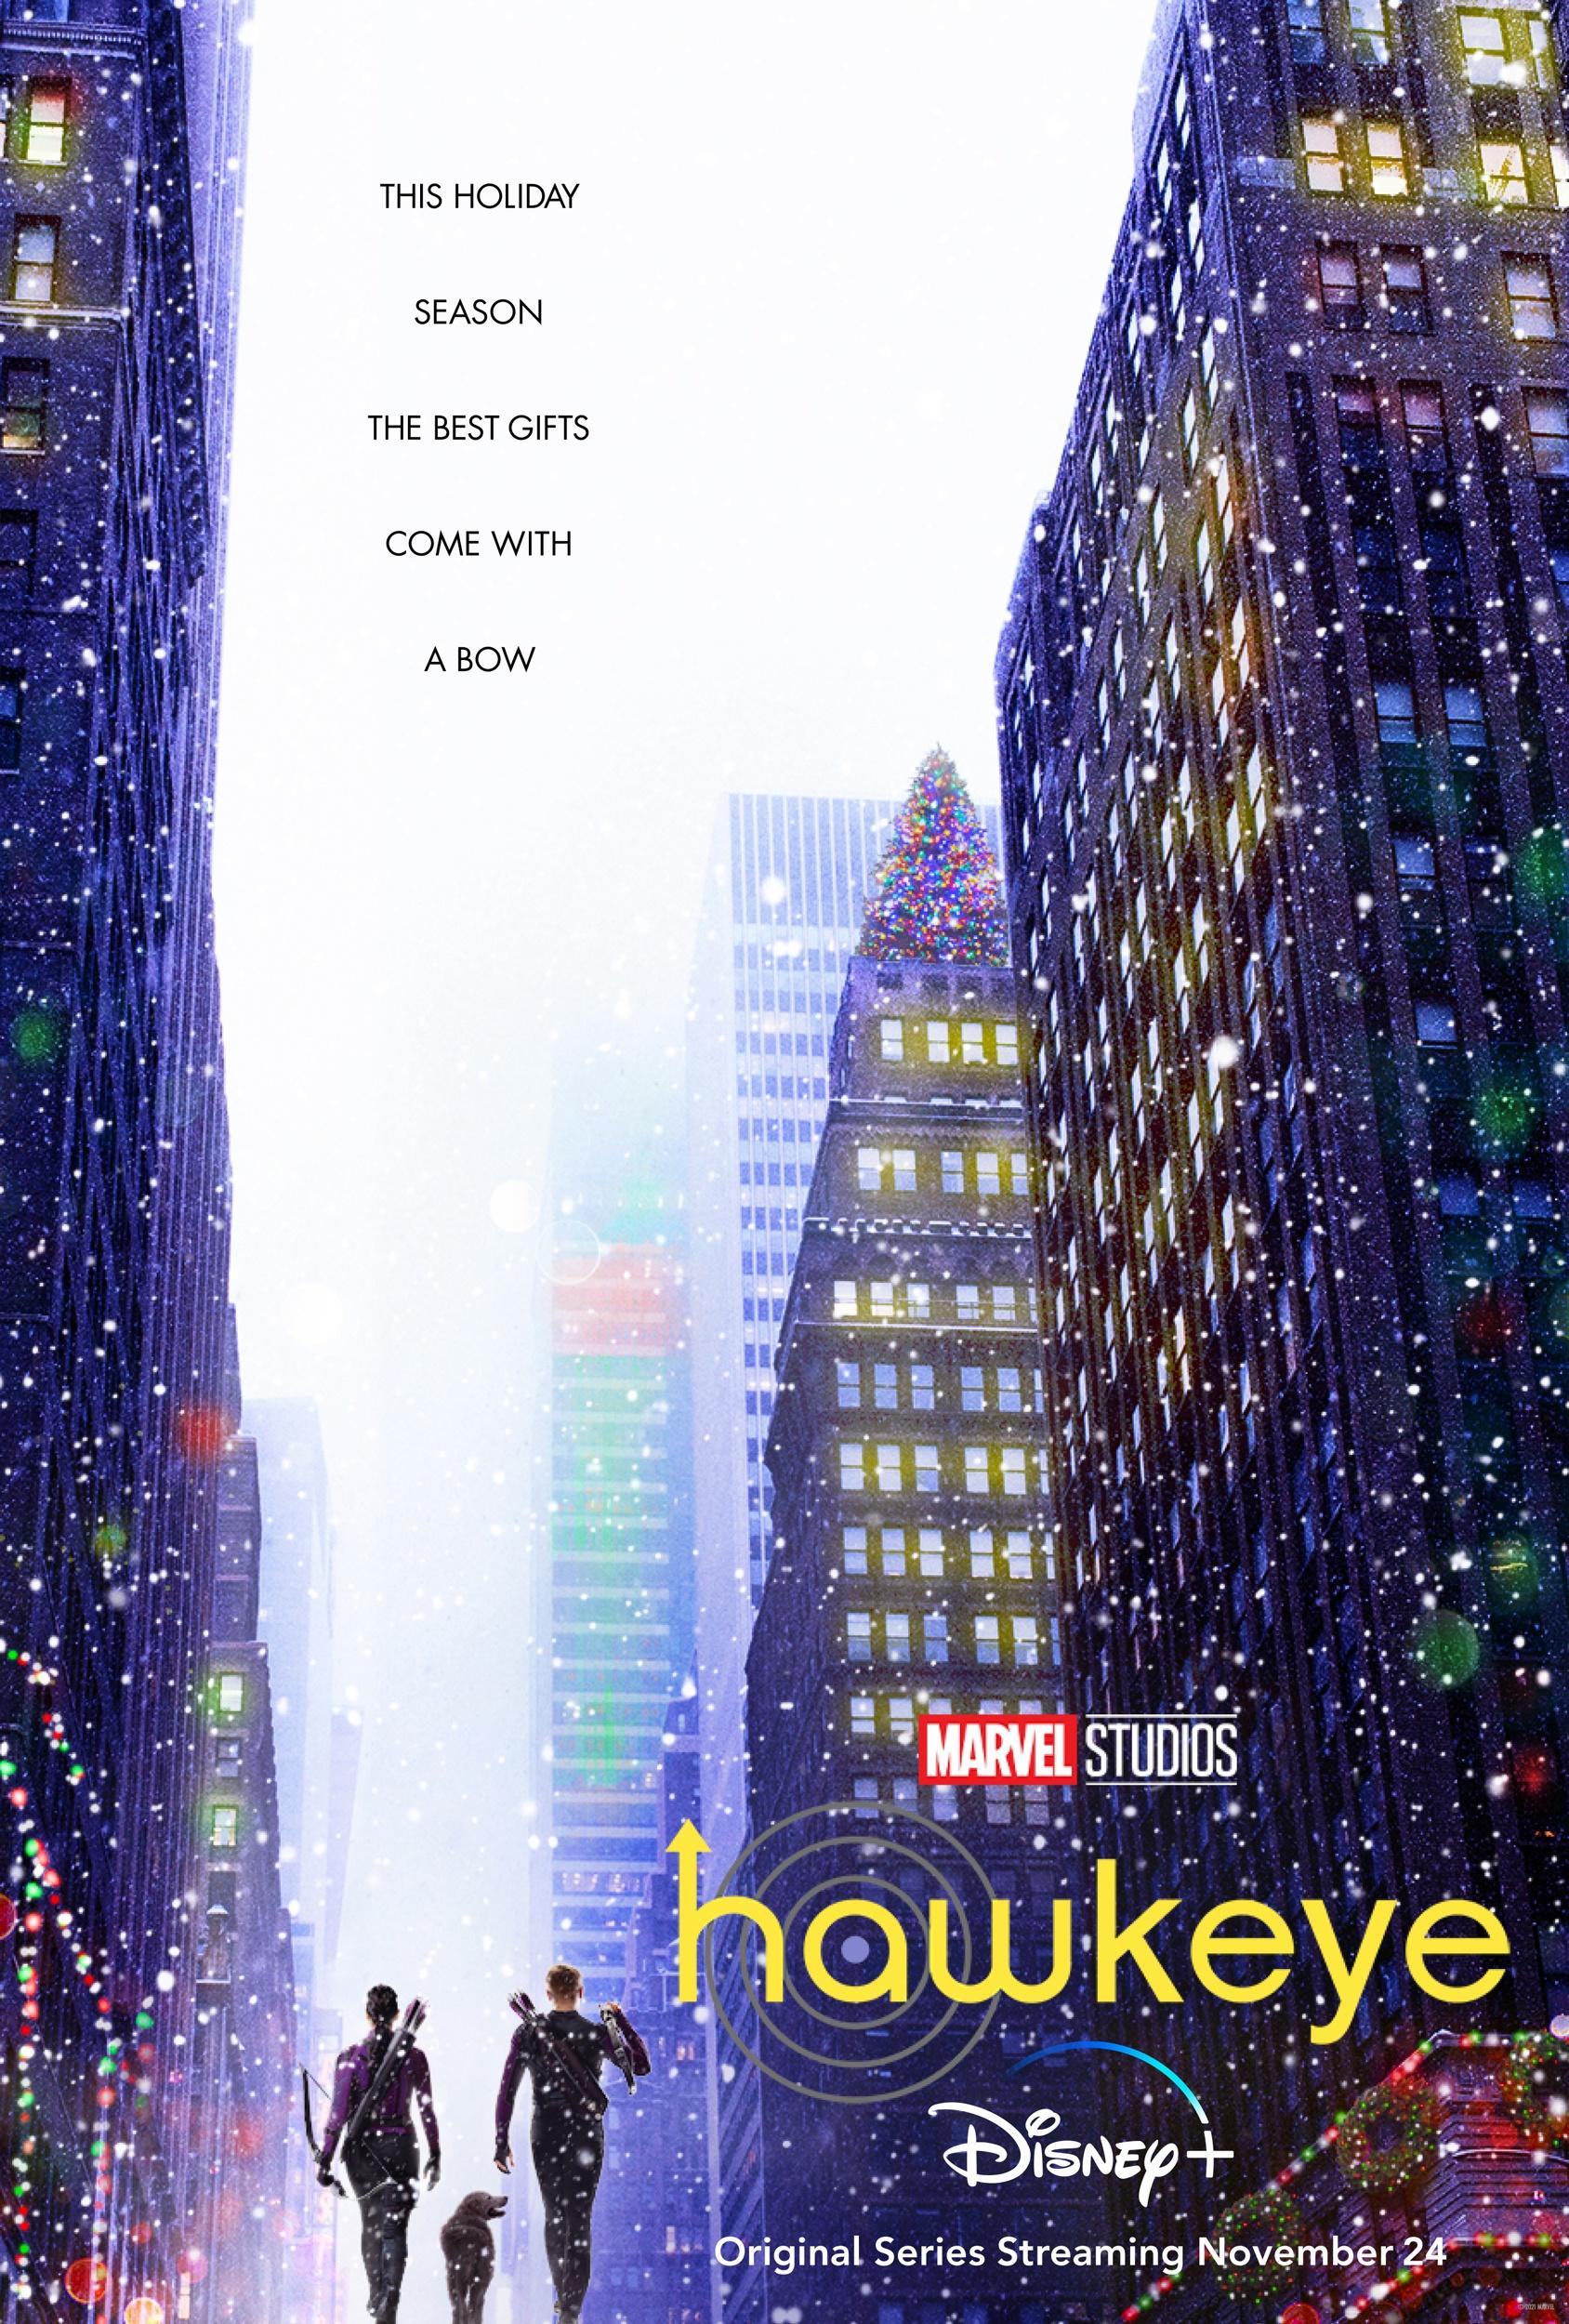 New Movie: Marvel Studios Hawkeye Starring Jeremey Renner